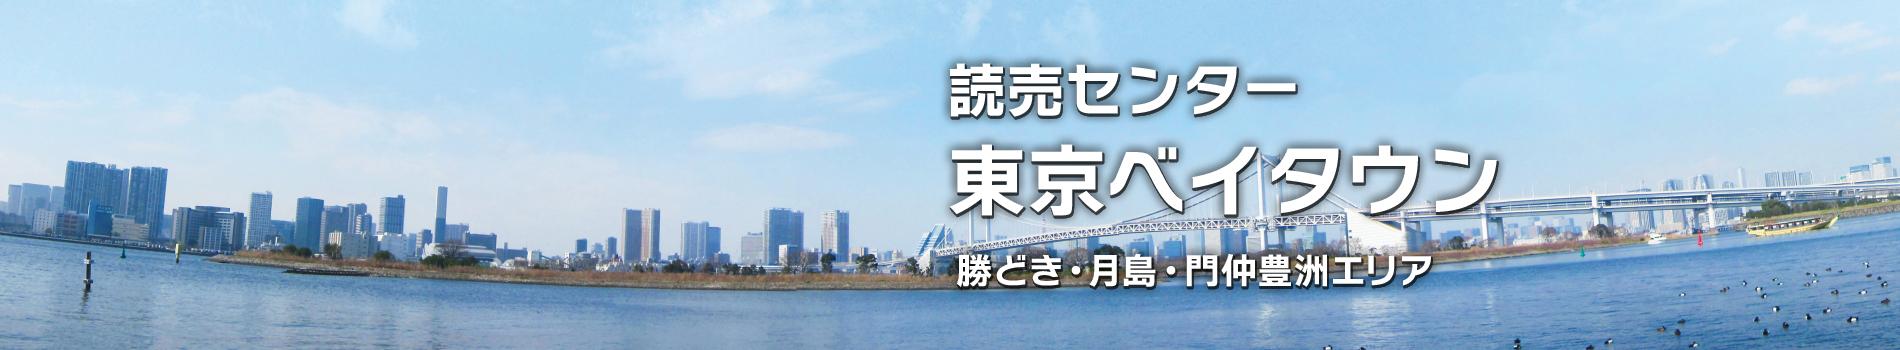 読売センター東京ベイタウン